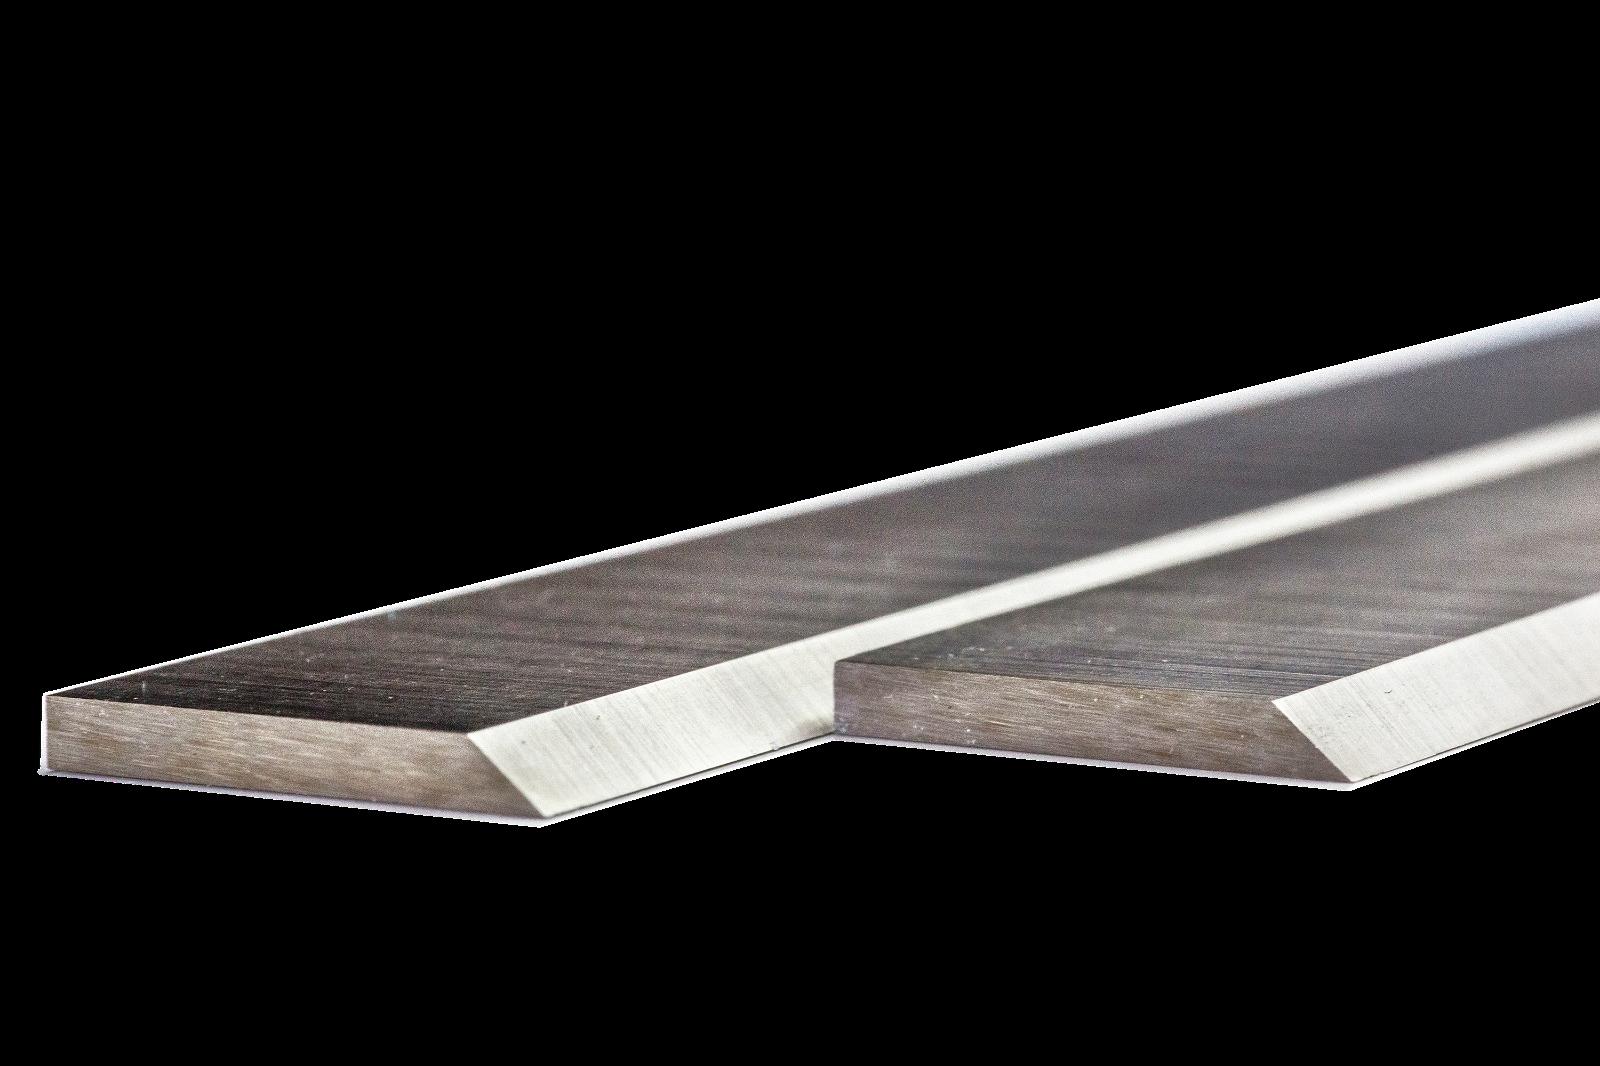 260 x 20 x 2.5mm HSS Resharpenable Planer Blades